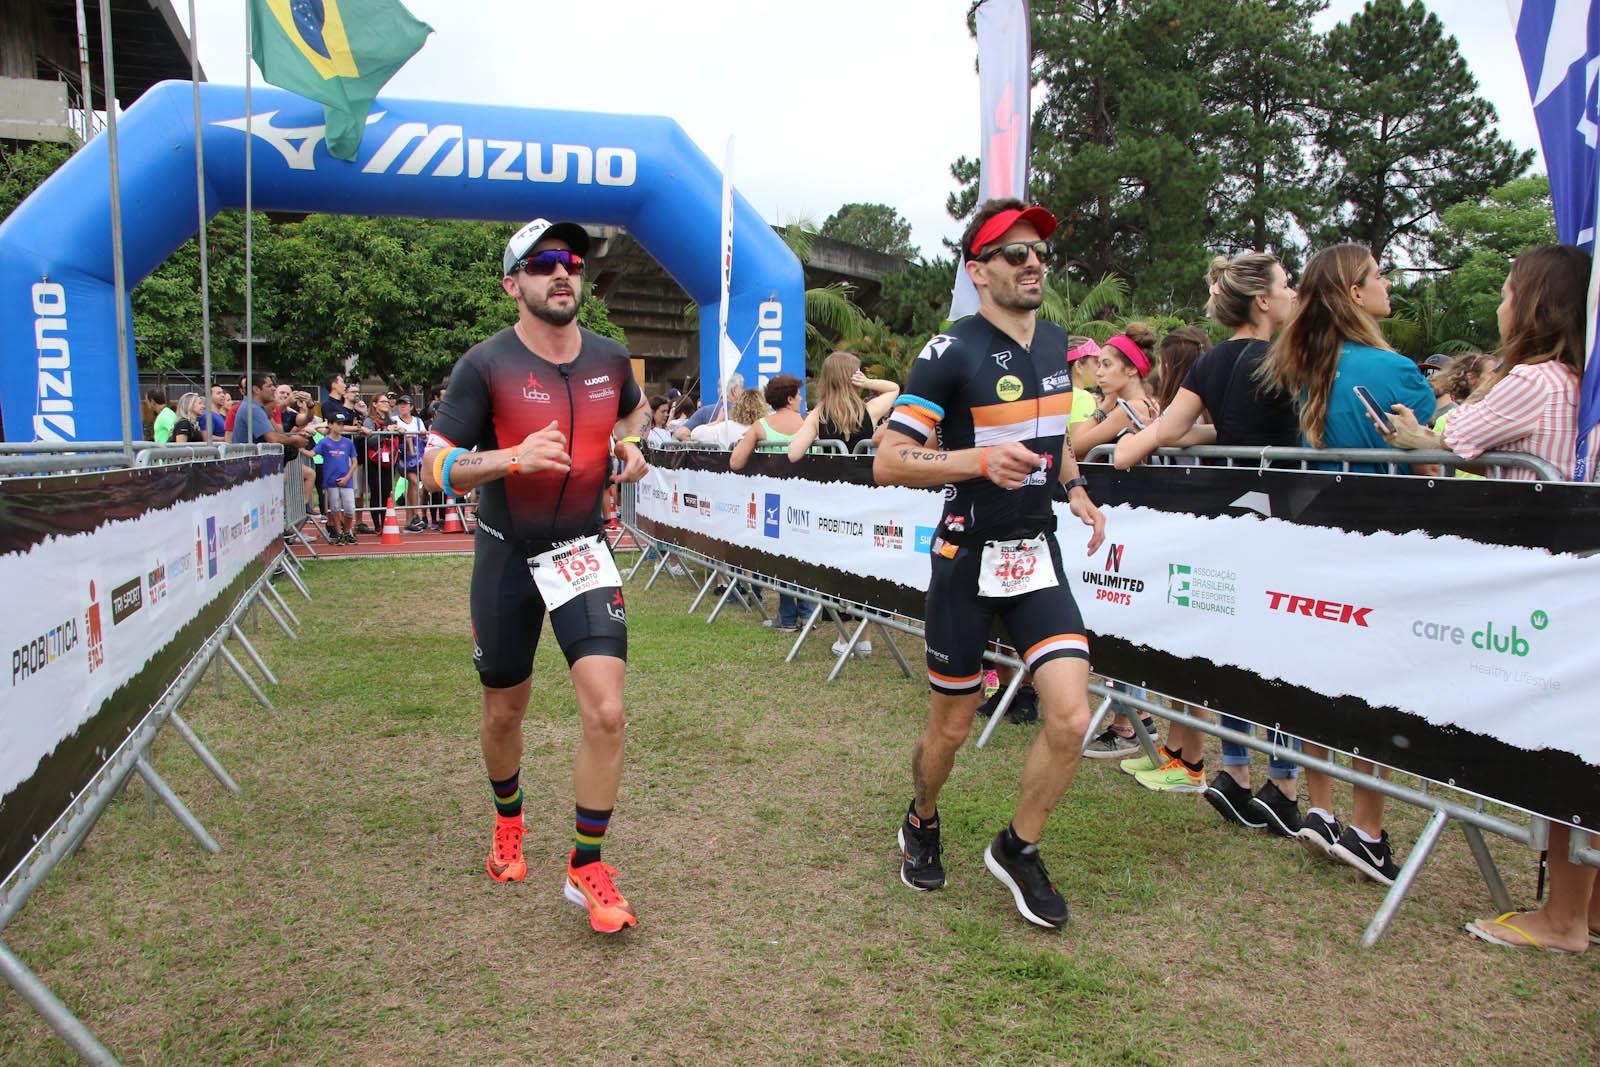 Ironman 70.3 São Paulo 2020 abre inscrições com expectativa positiva